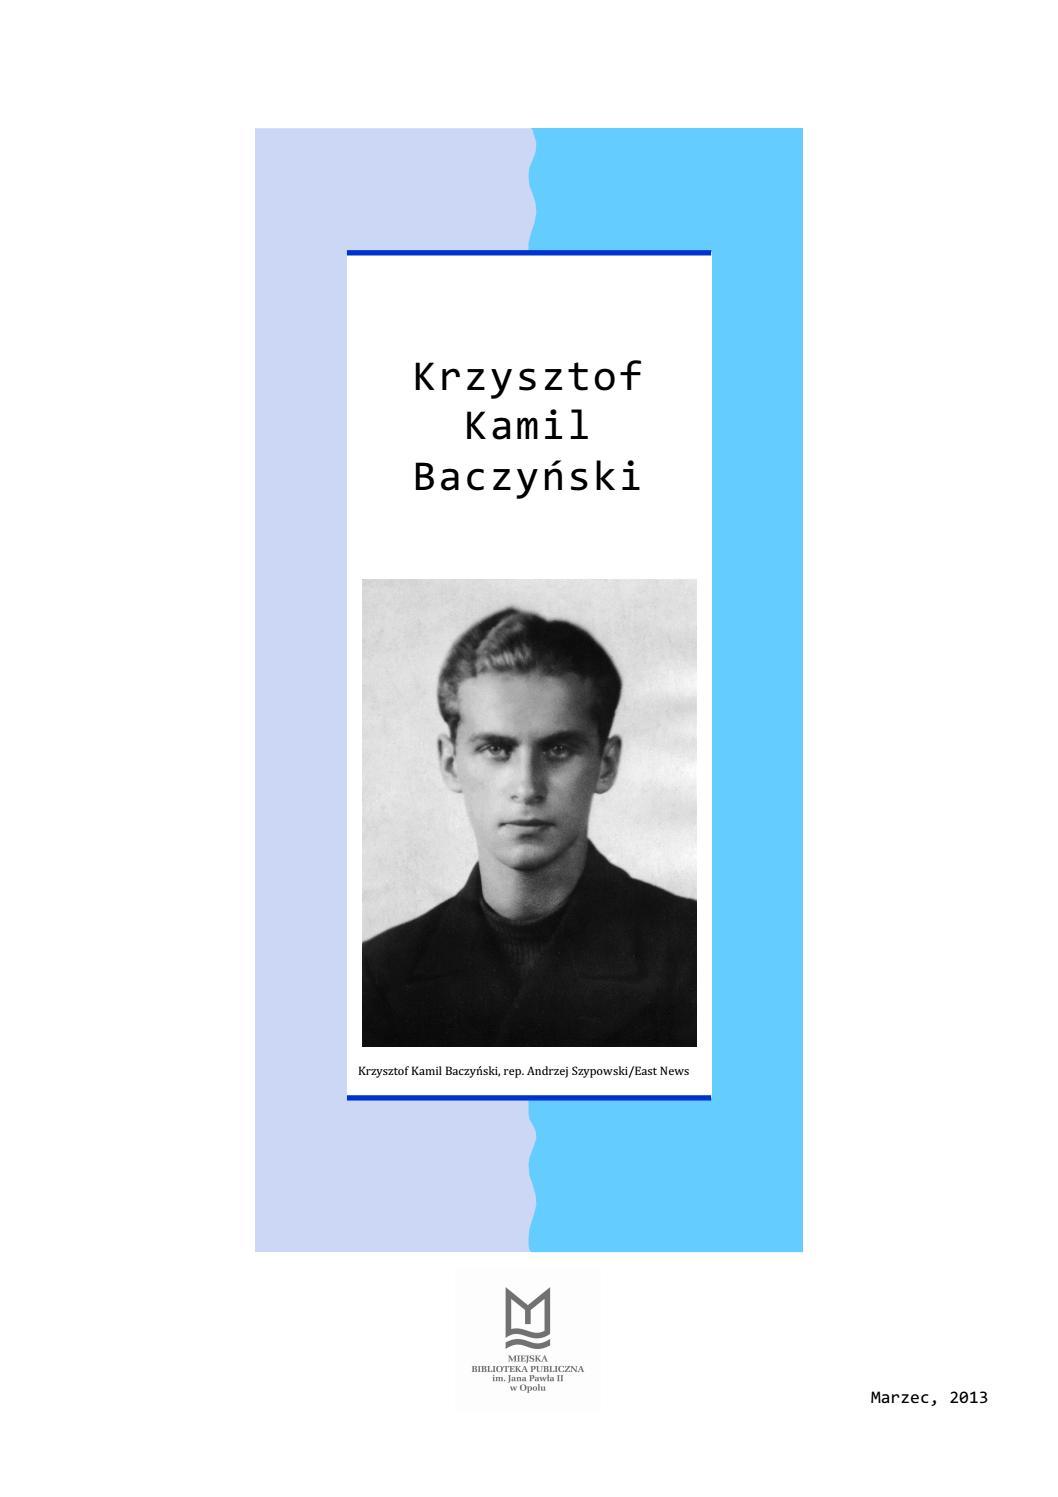 Krzysztof Kamil Baczyński By Miejska Biblioteka Publiczna W